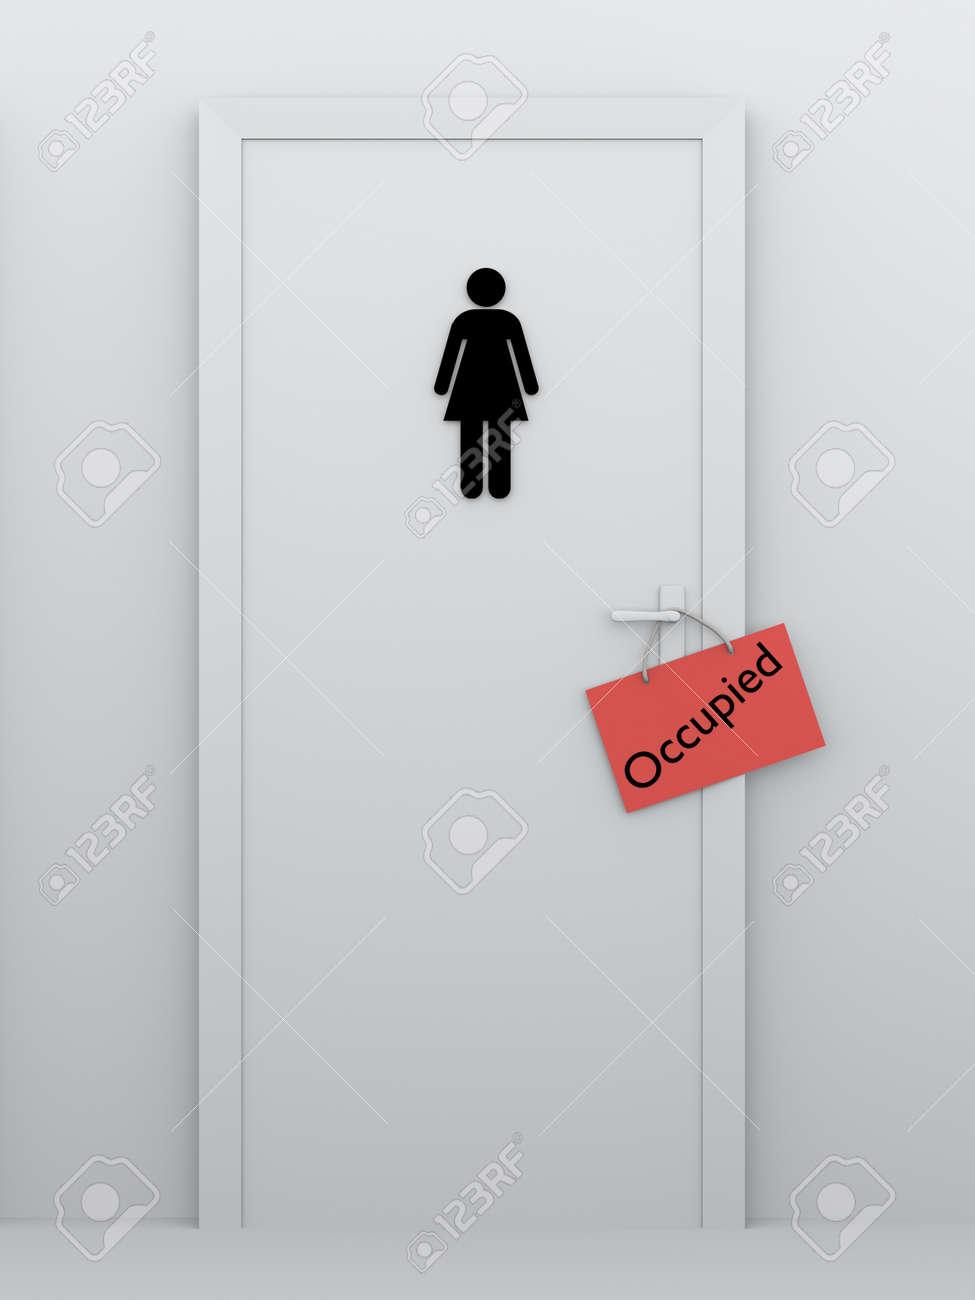 La Porte De La Salle De Bain Des Femmes Avec Un Signe Occup Dans La